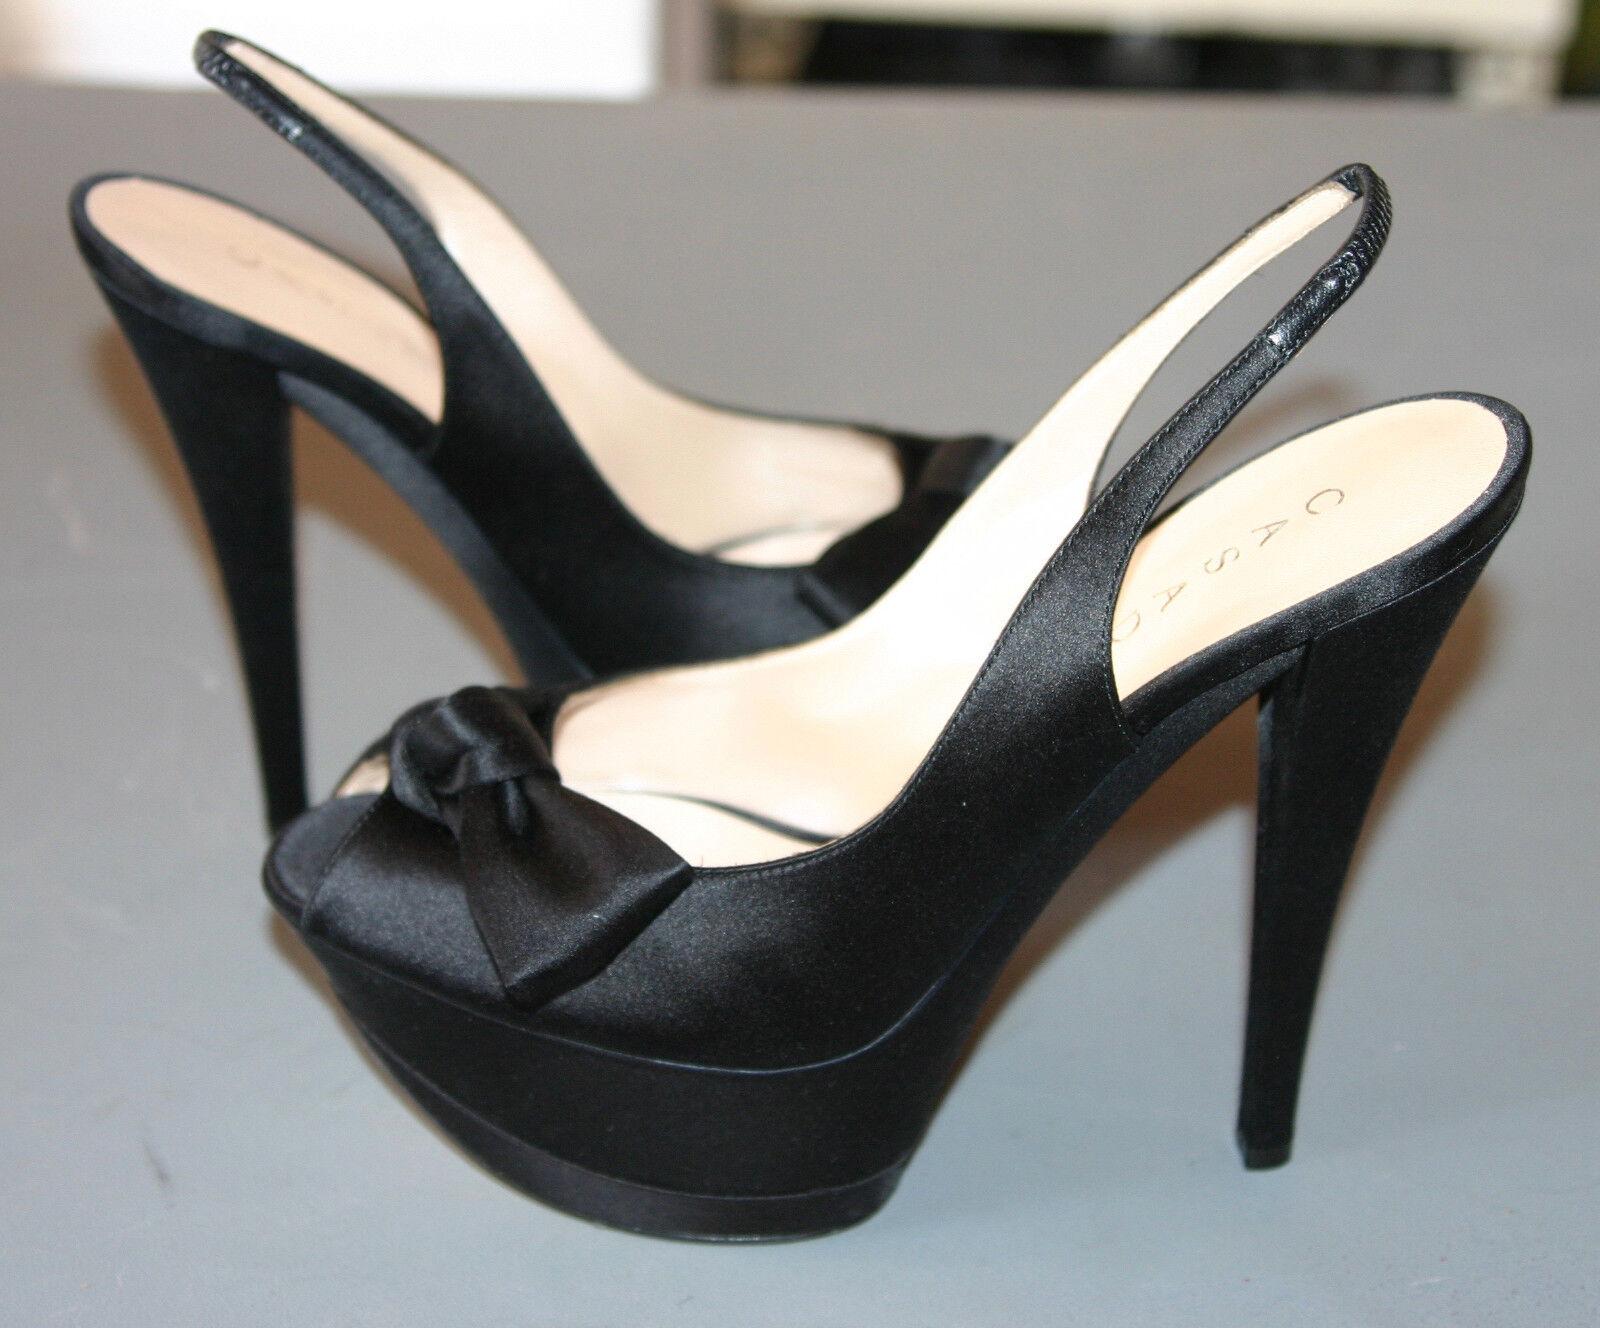 NIB-CASADEI GORGEOUS schwarz SATIN SANDALS WEDGE SLING BACK schuhe-Größe 8.5